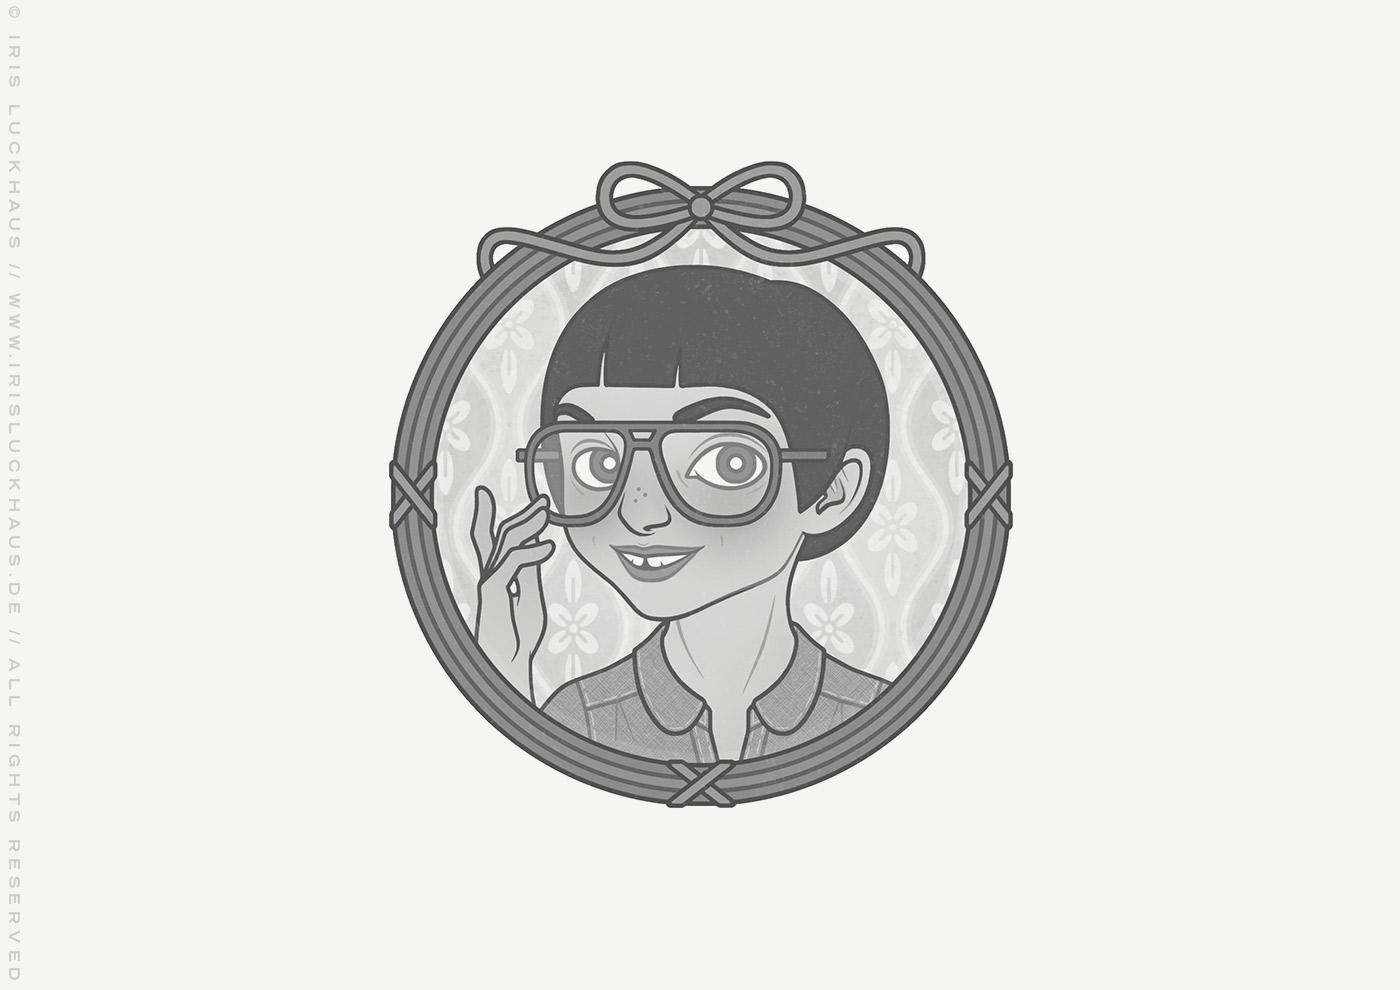 Vignette von Mimi Fiedler als irgendwie schräges Kind mit großer Brille und kleiner Zahnlücke für das Buch Brauchsu keine Doktor, brauchsu nur diese Buch – Die Balkantherapie für Liebe, Leib und Leben von Mimi Fiedler im MVG Verlag